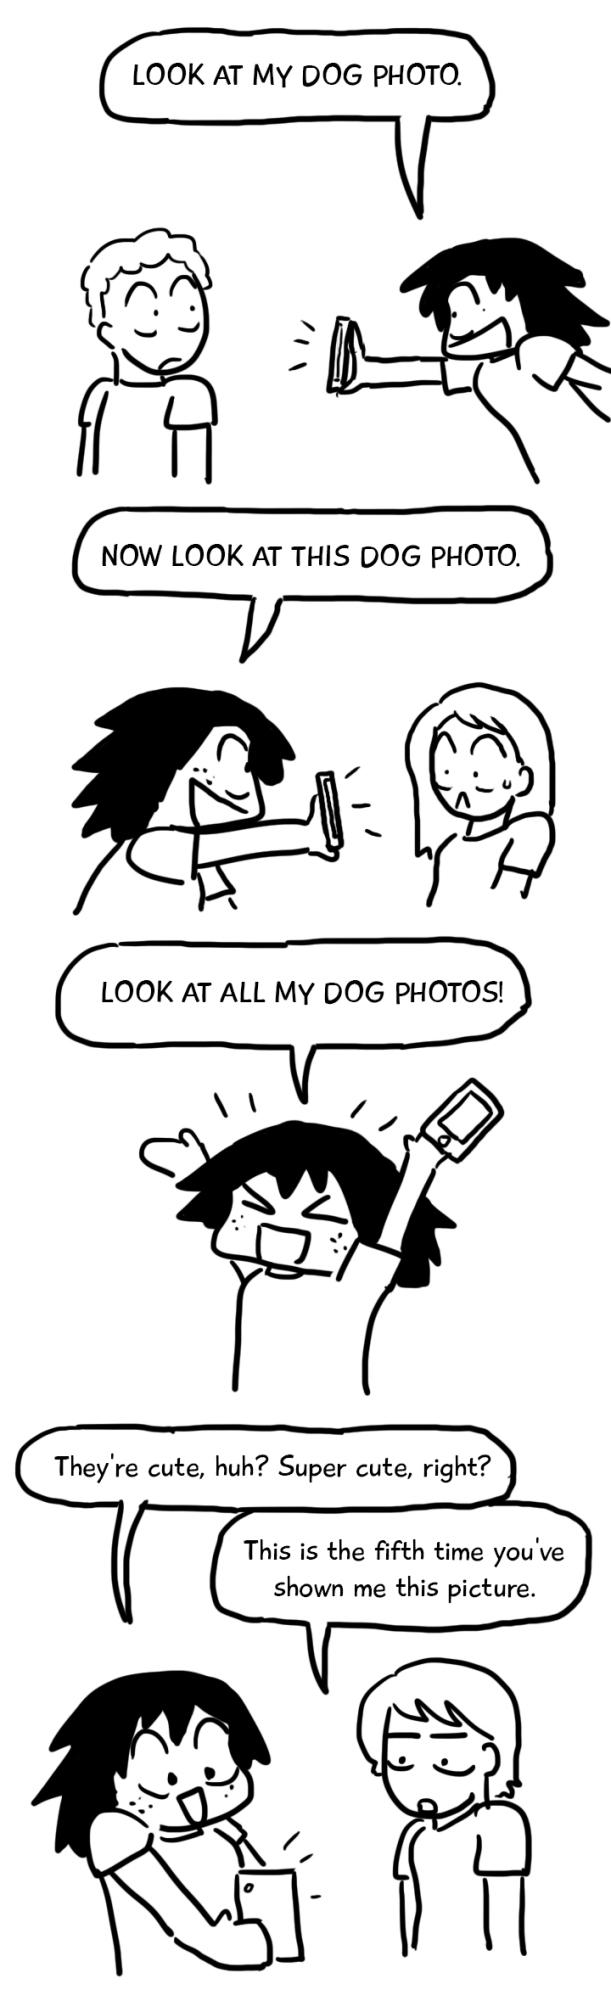 post-203-image-31